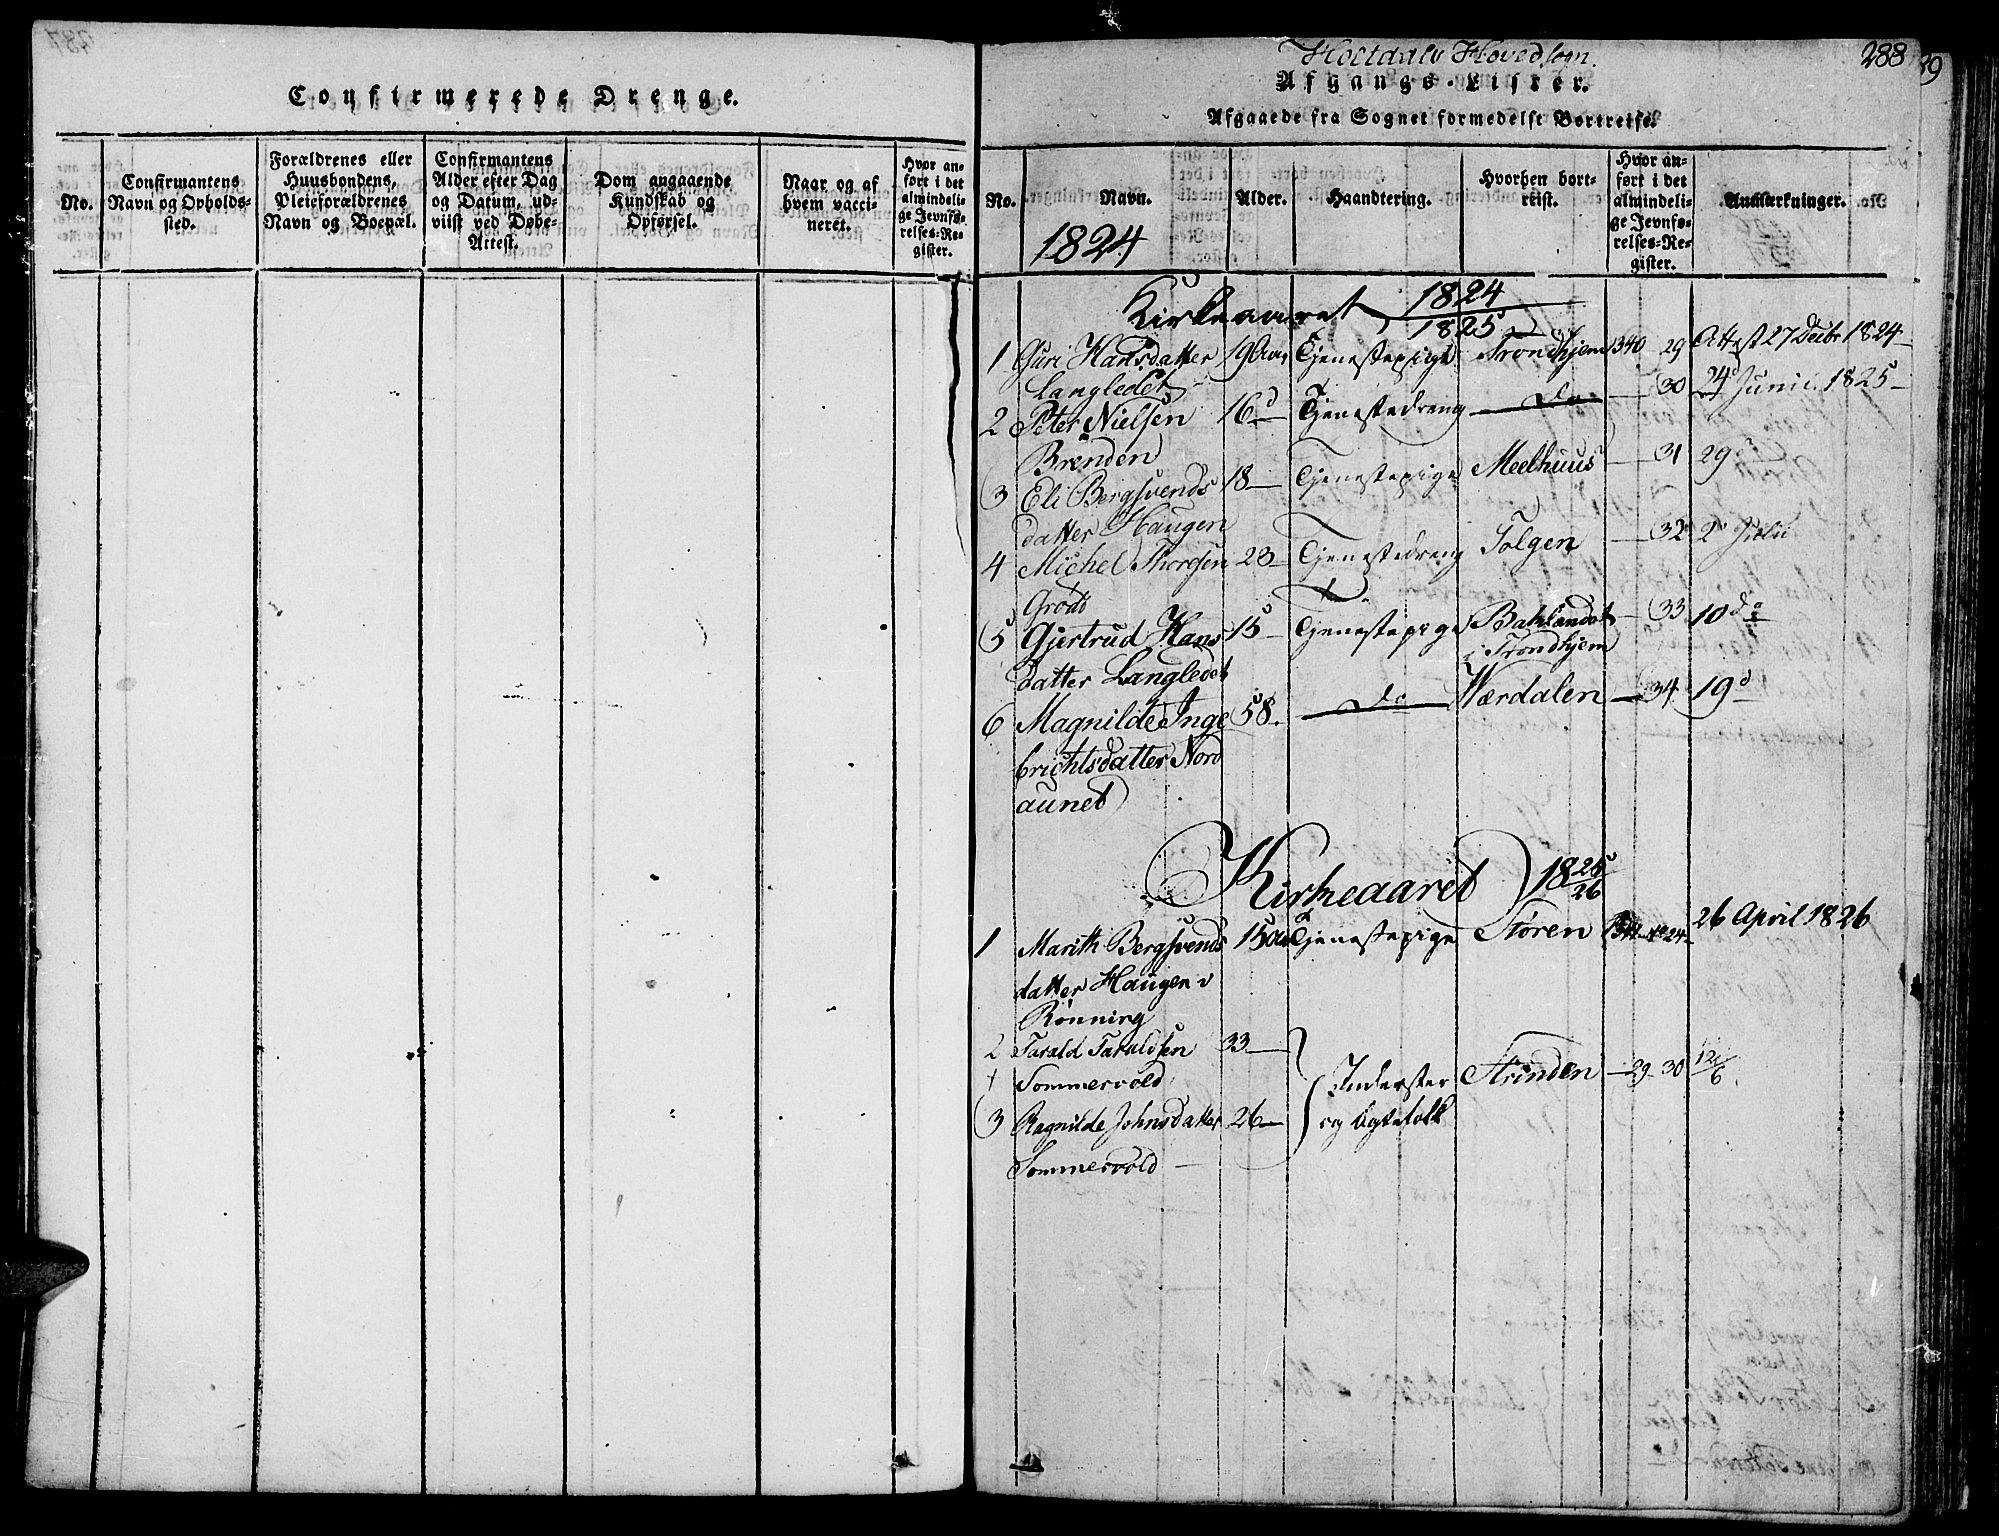 SAT, Ministerialprotokoller, klokkerbøker og fødselsregistre - Sør-Trøndelag, 685/L0954: Ministerialbok nr. 685A03 /1, 1817-1829, s. 288